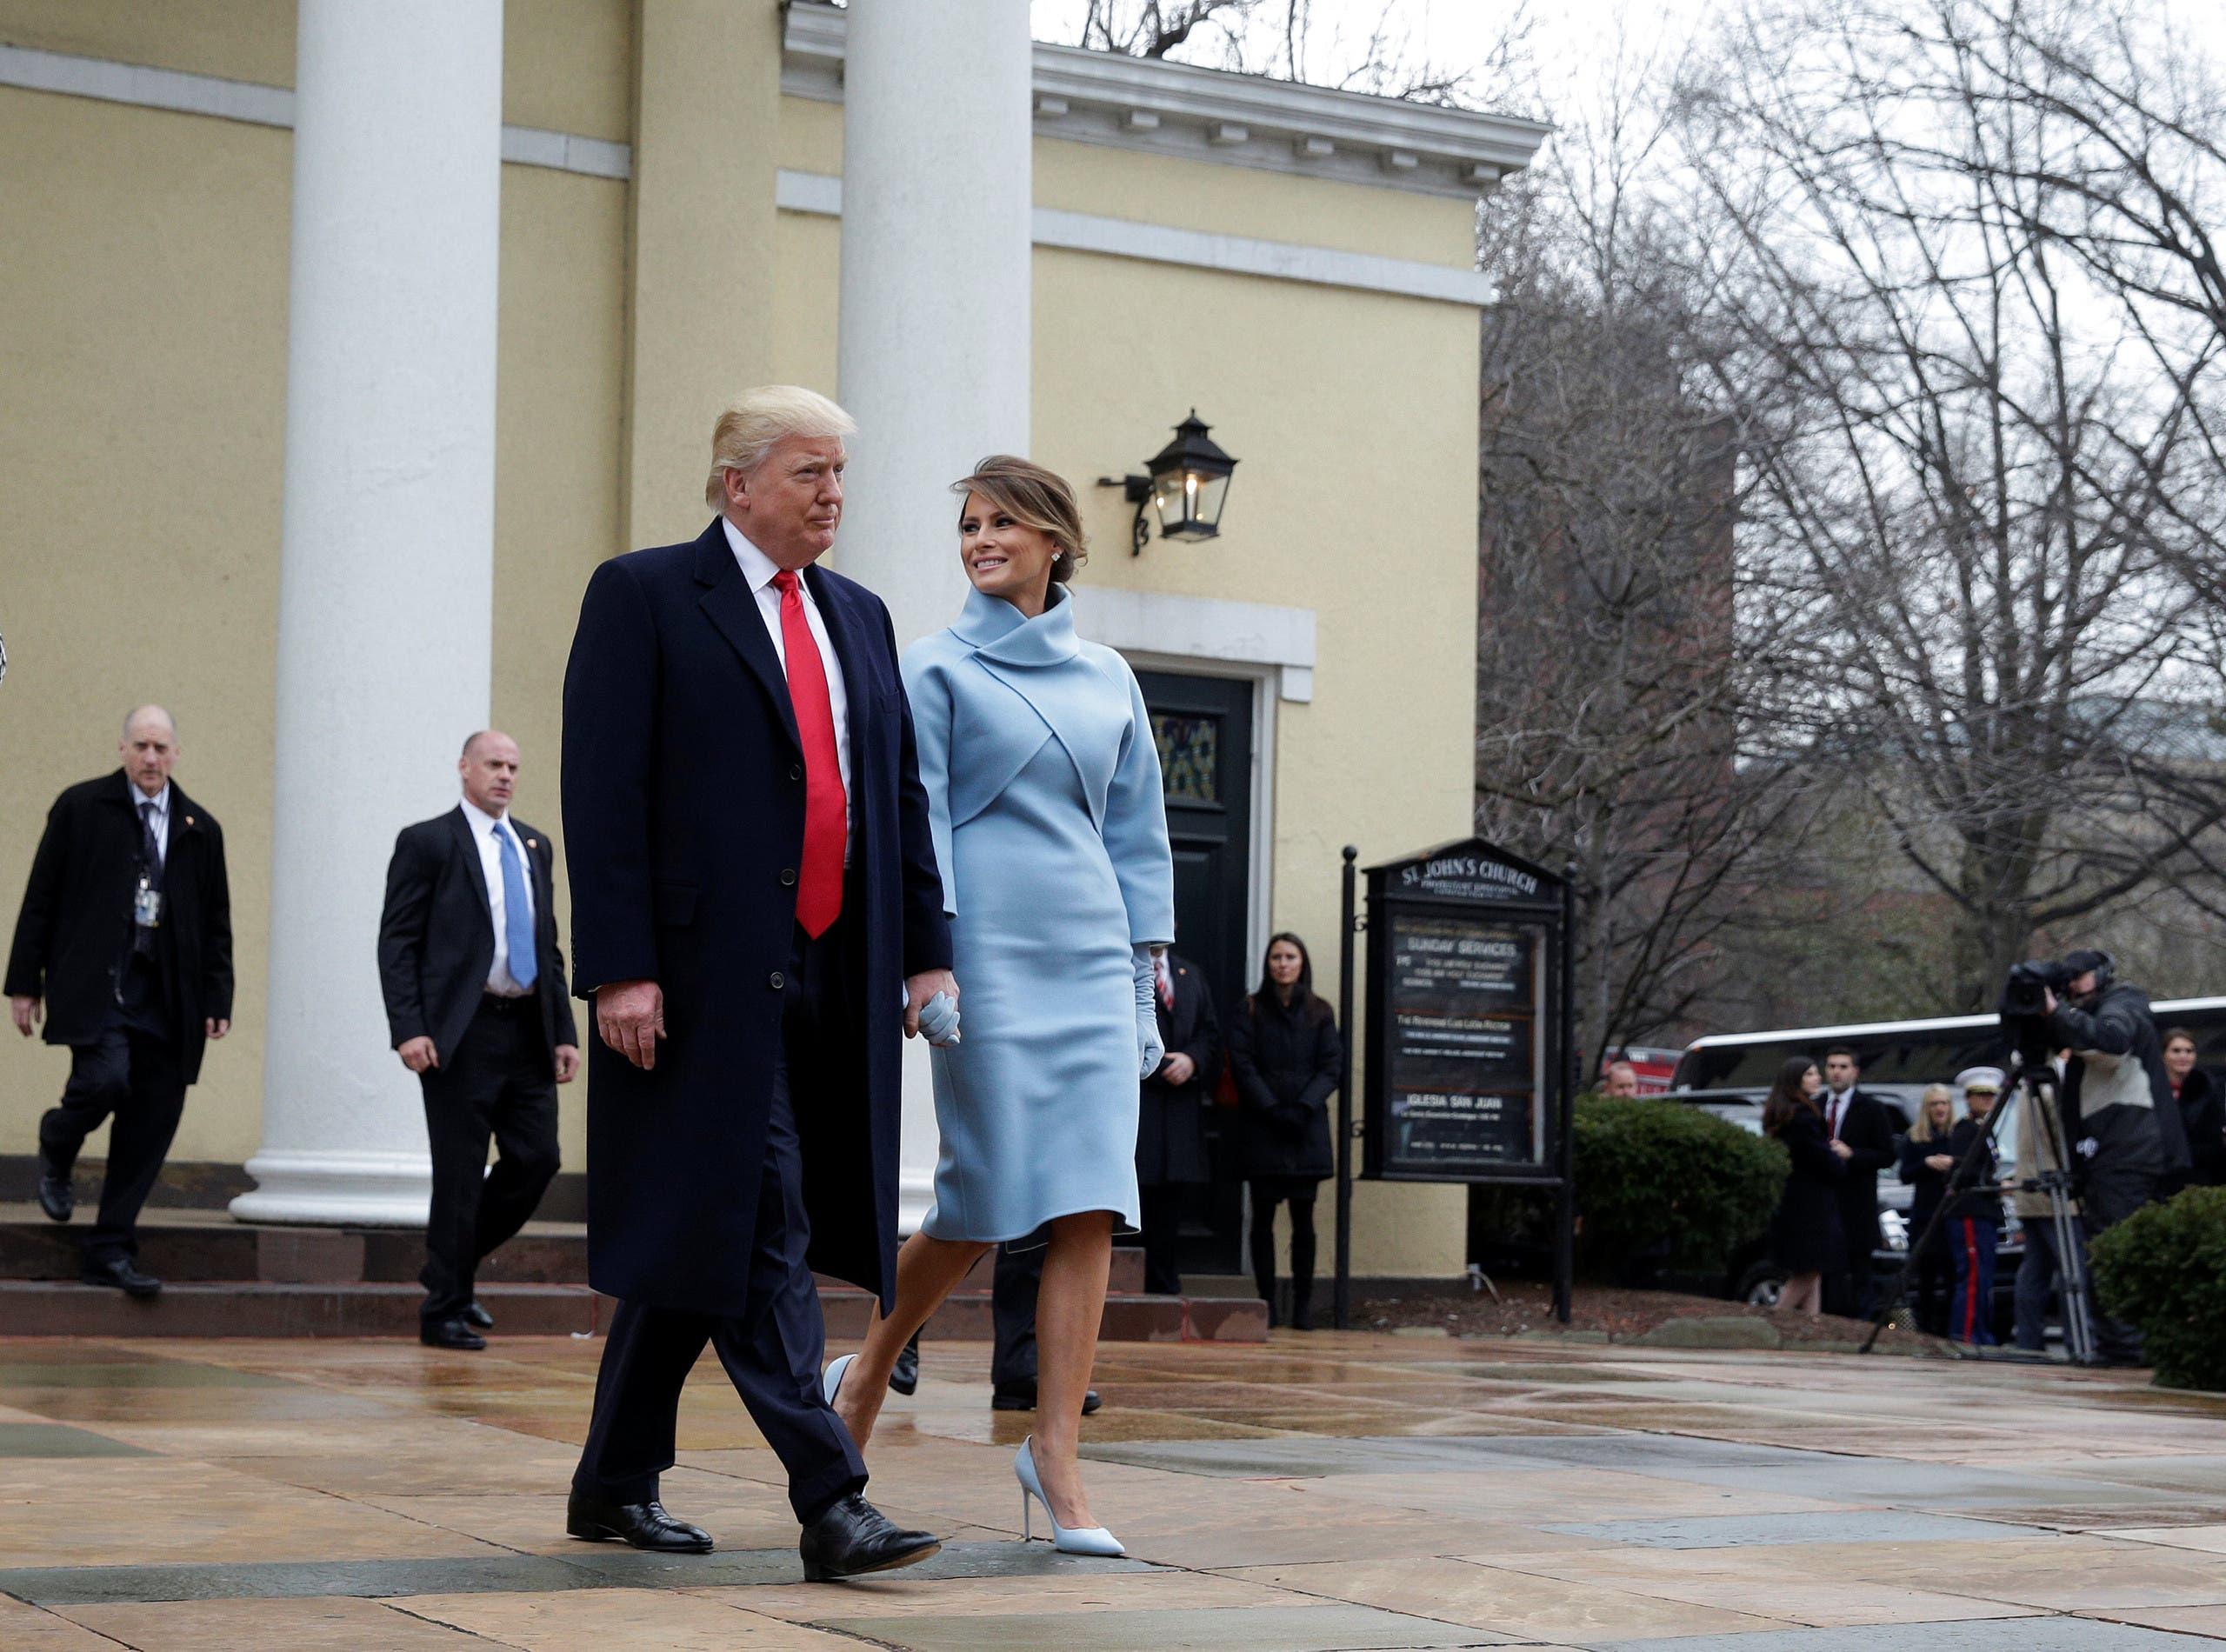 الرئيس الأميركي والسيدة الأولى